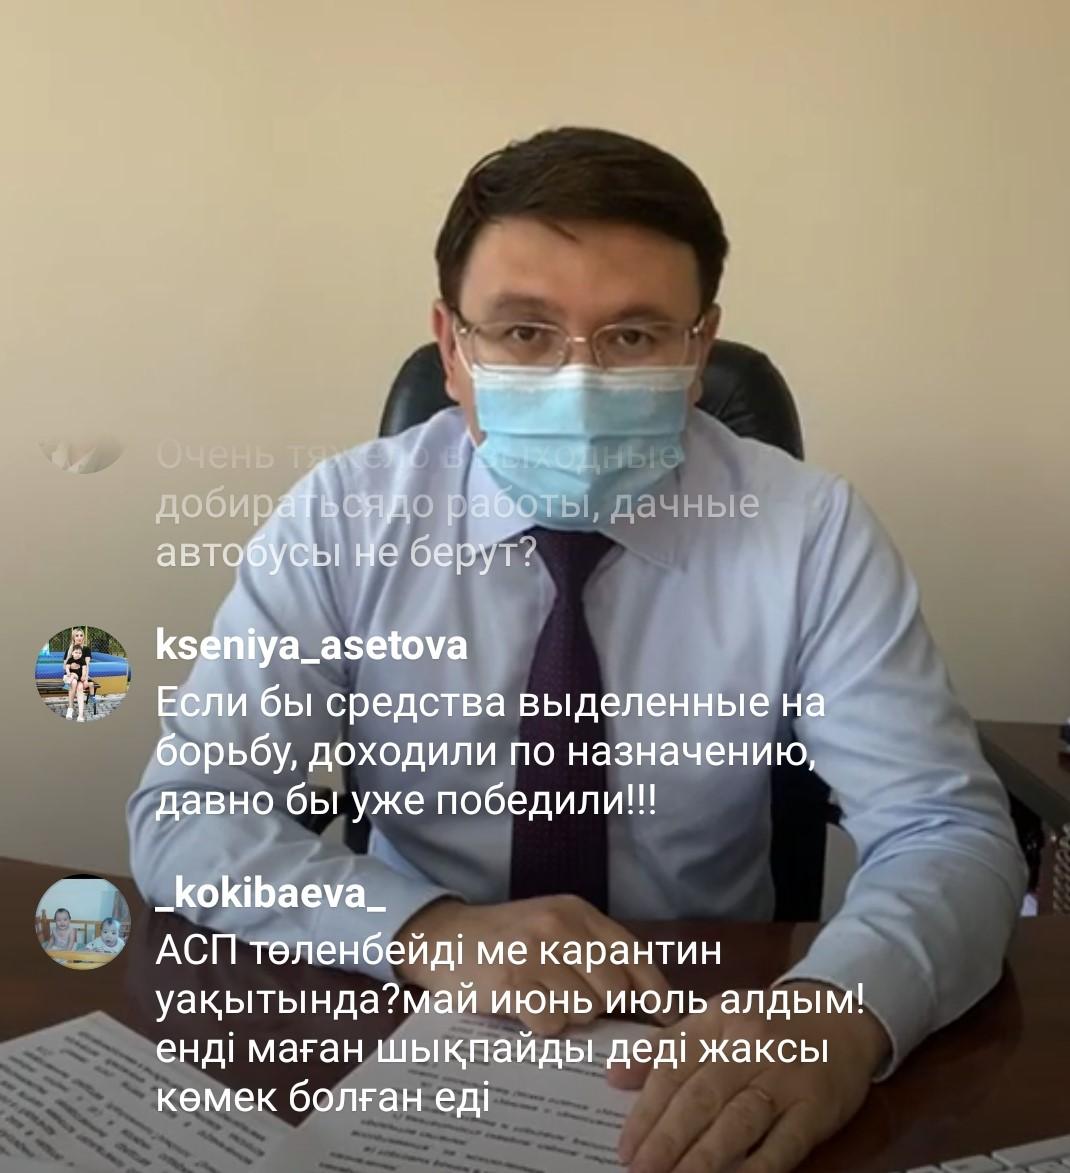 Местные власти попросили североказахстанцев с пониманием отнестись к ужесточению карантина